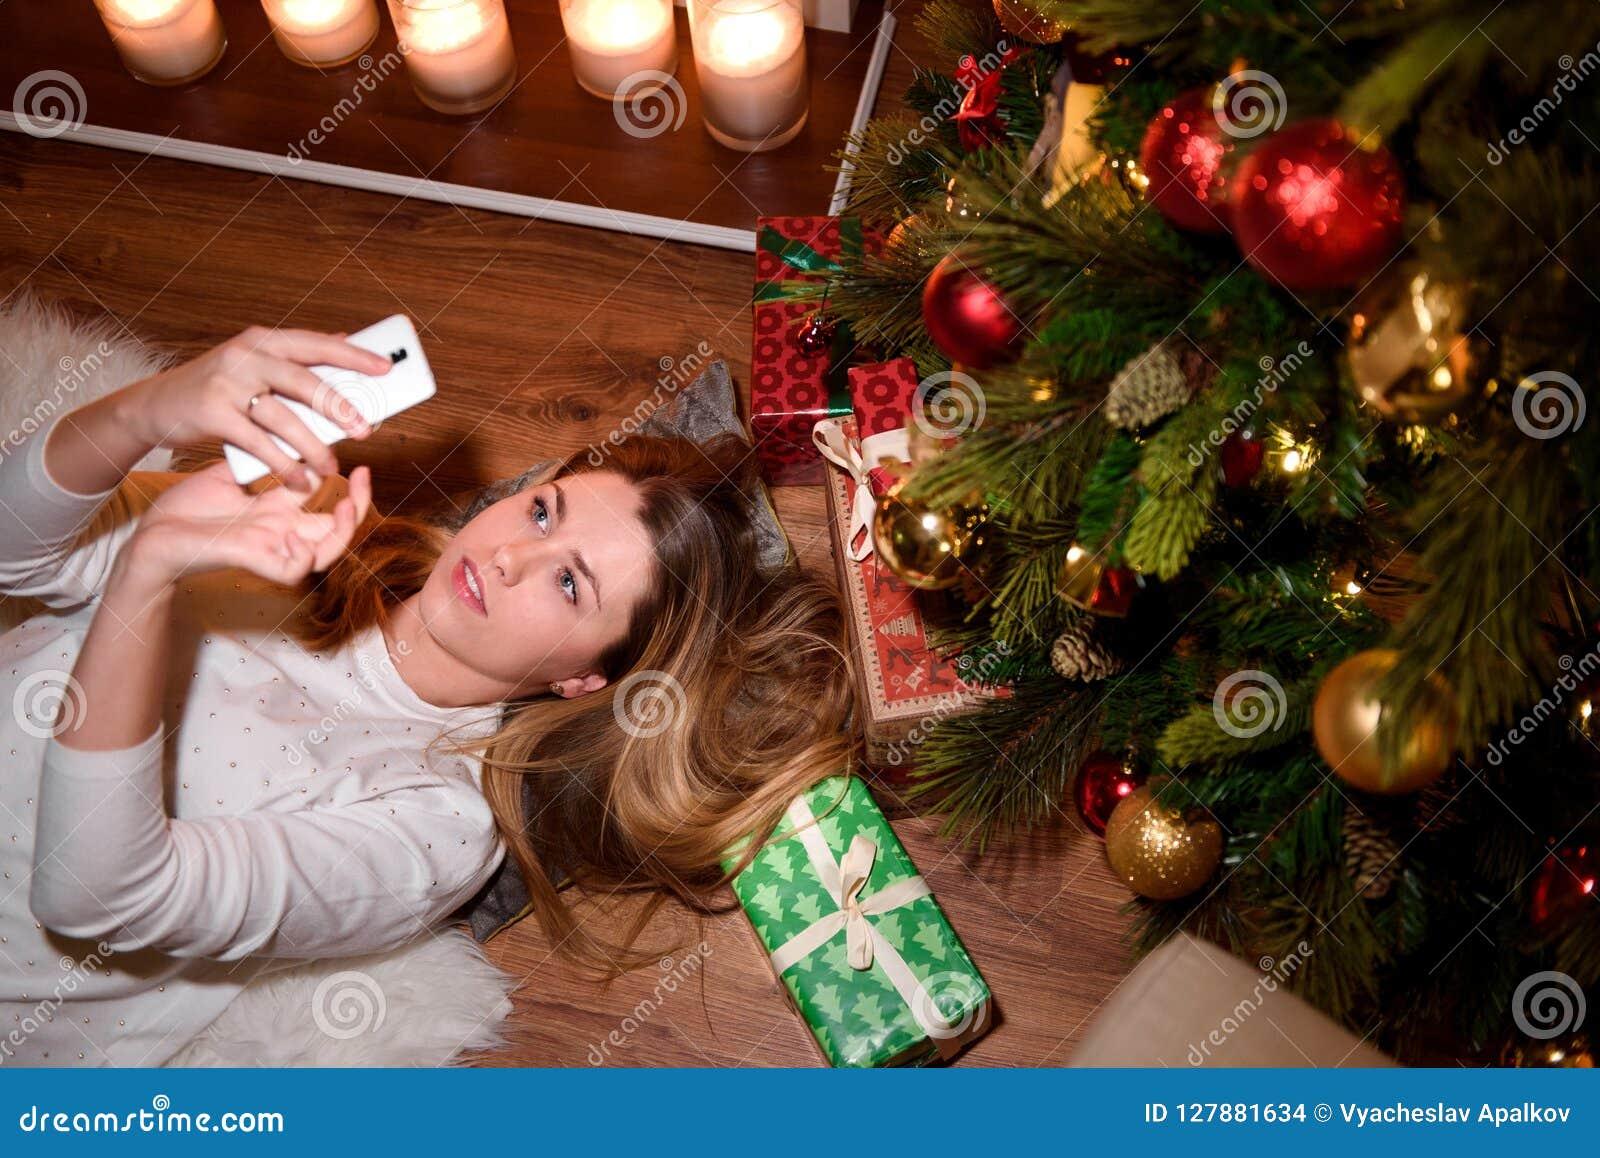 Ragazza che prende un selfie del nuovo anno in un area decorata